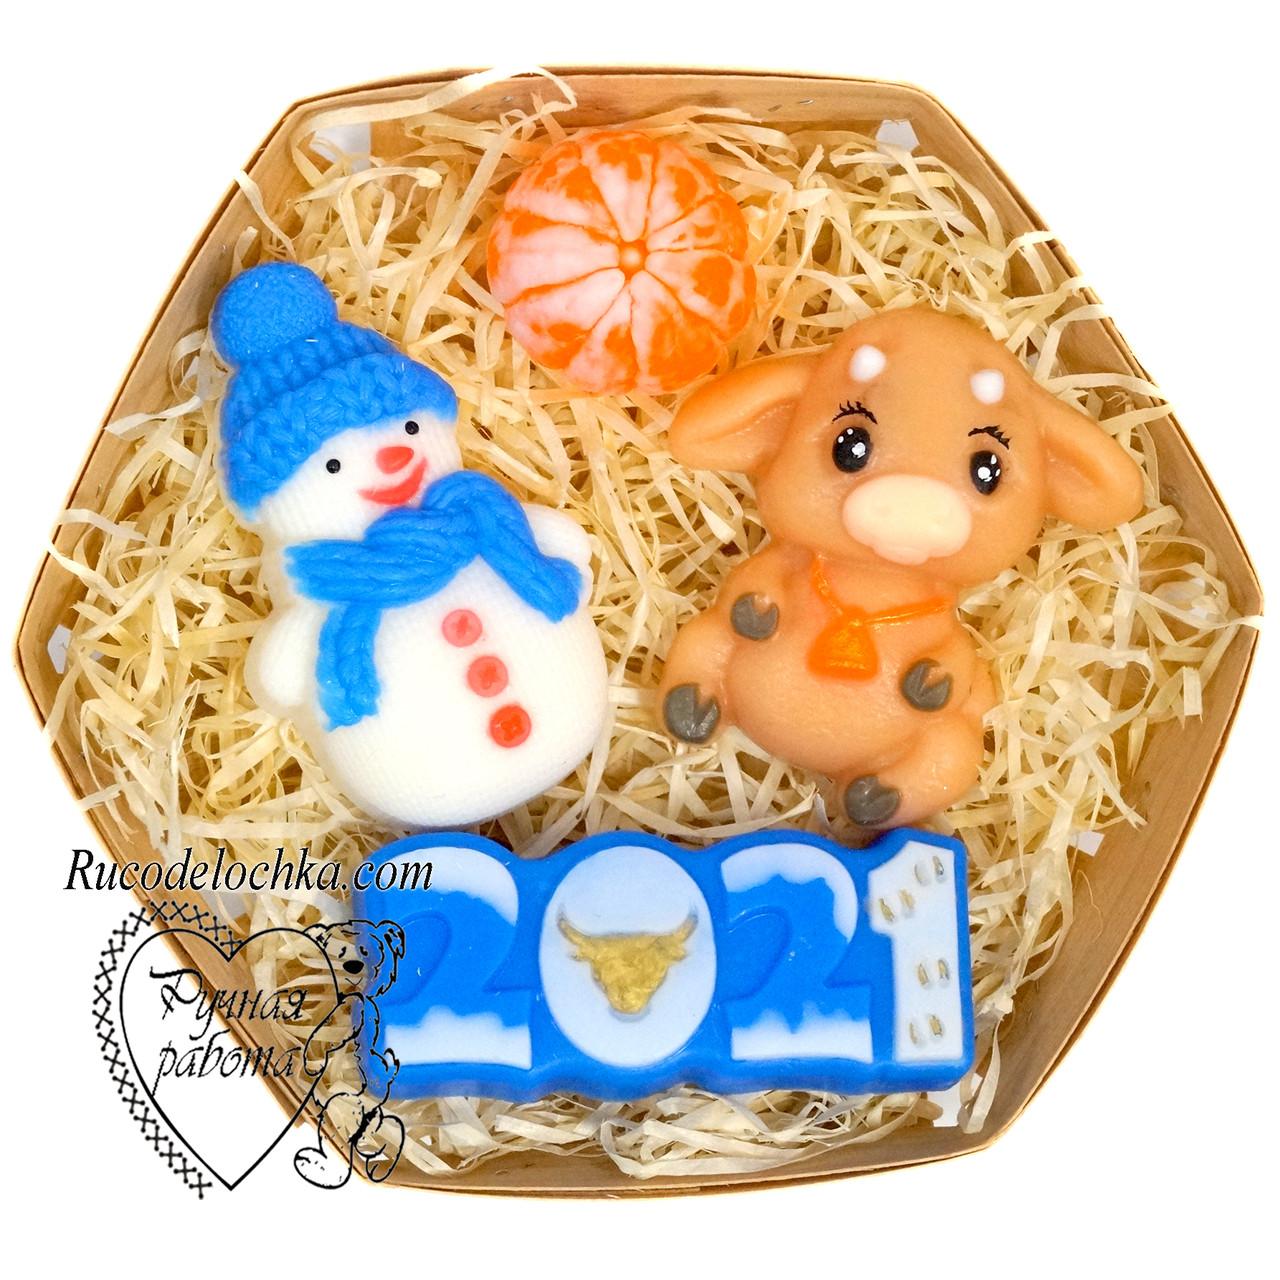 Мыло ручной работы новогоднее в наборе, новогодний подарок, бычок, 2021, снеговик, мандарин